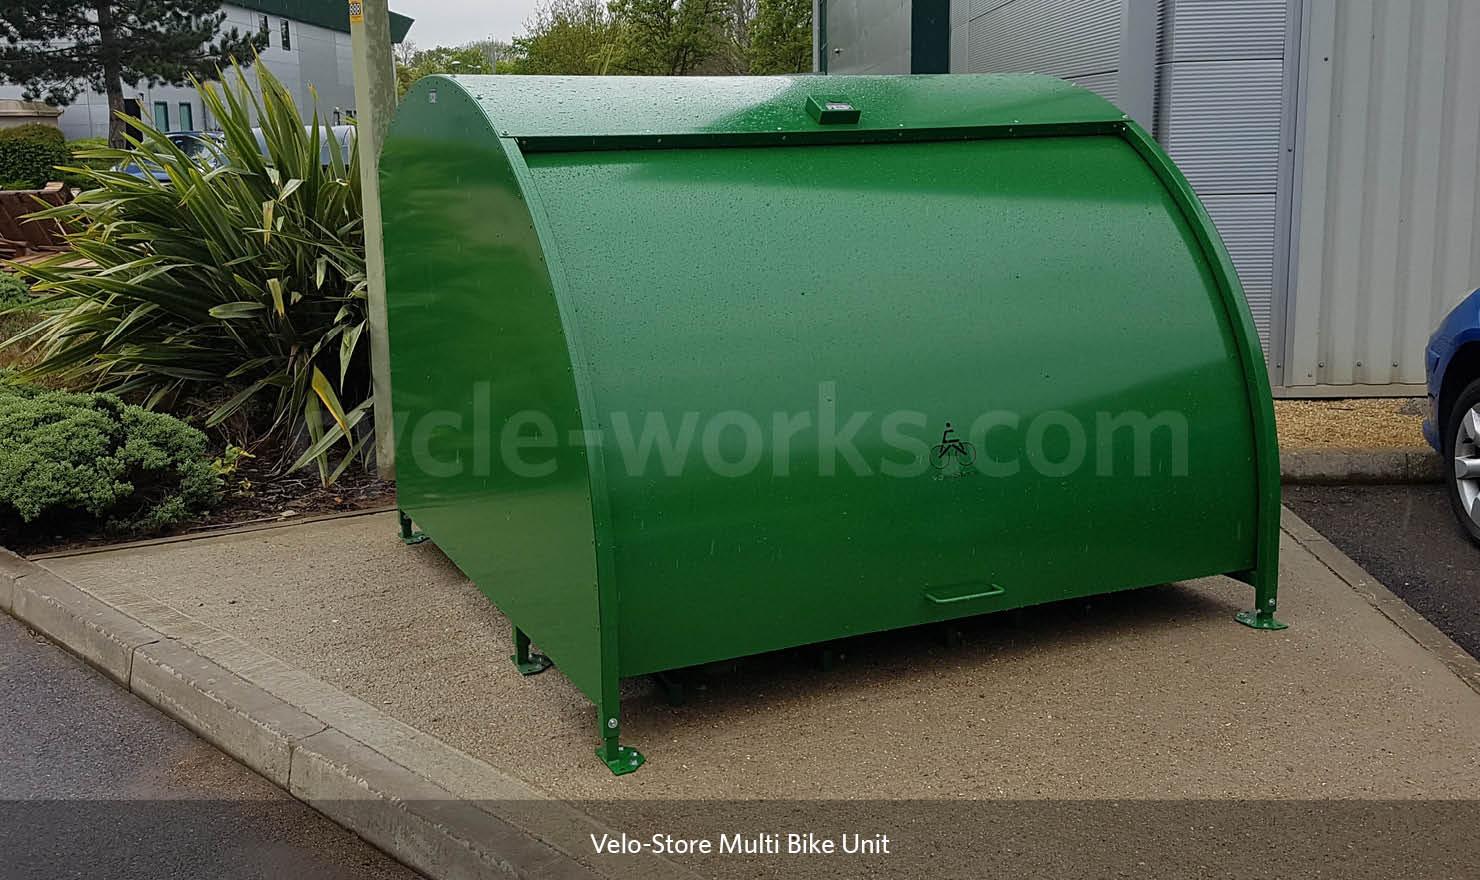 Velo-Store Bike Bunker